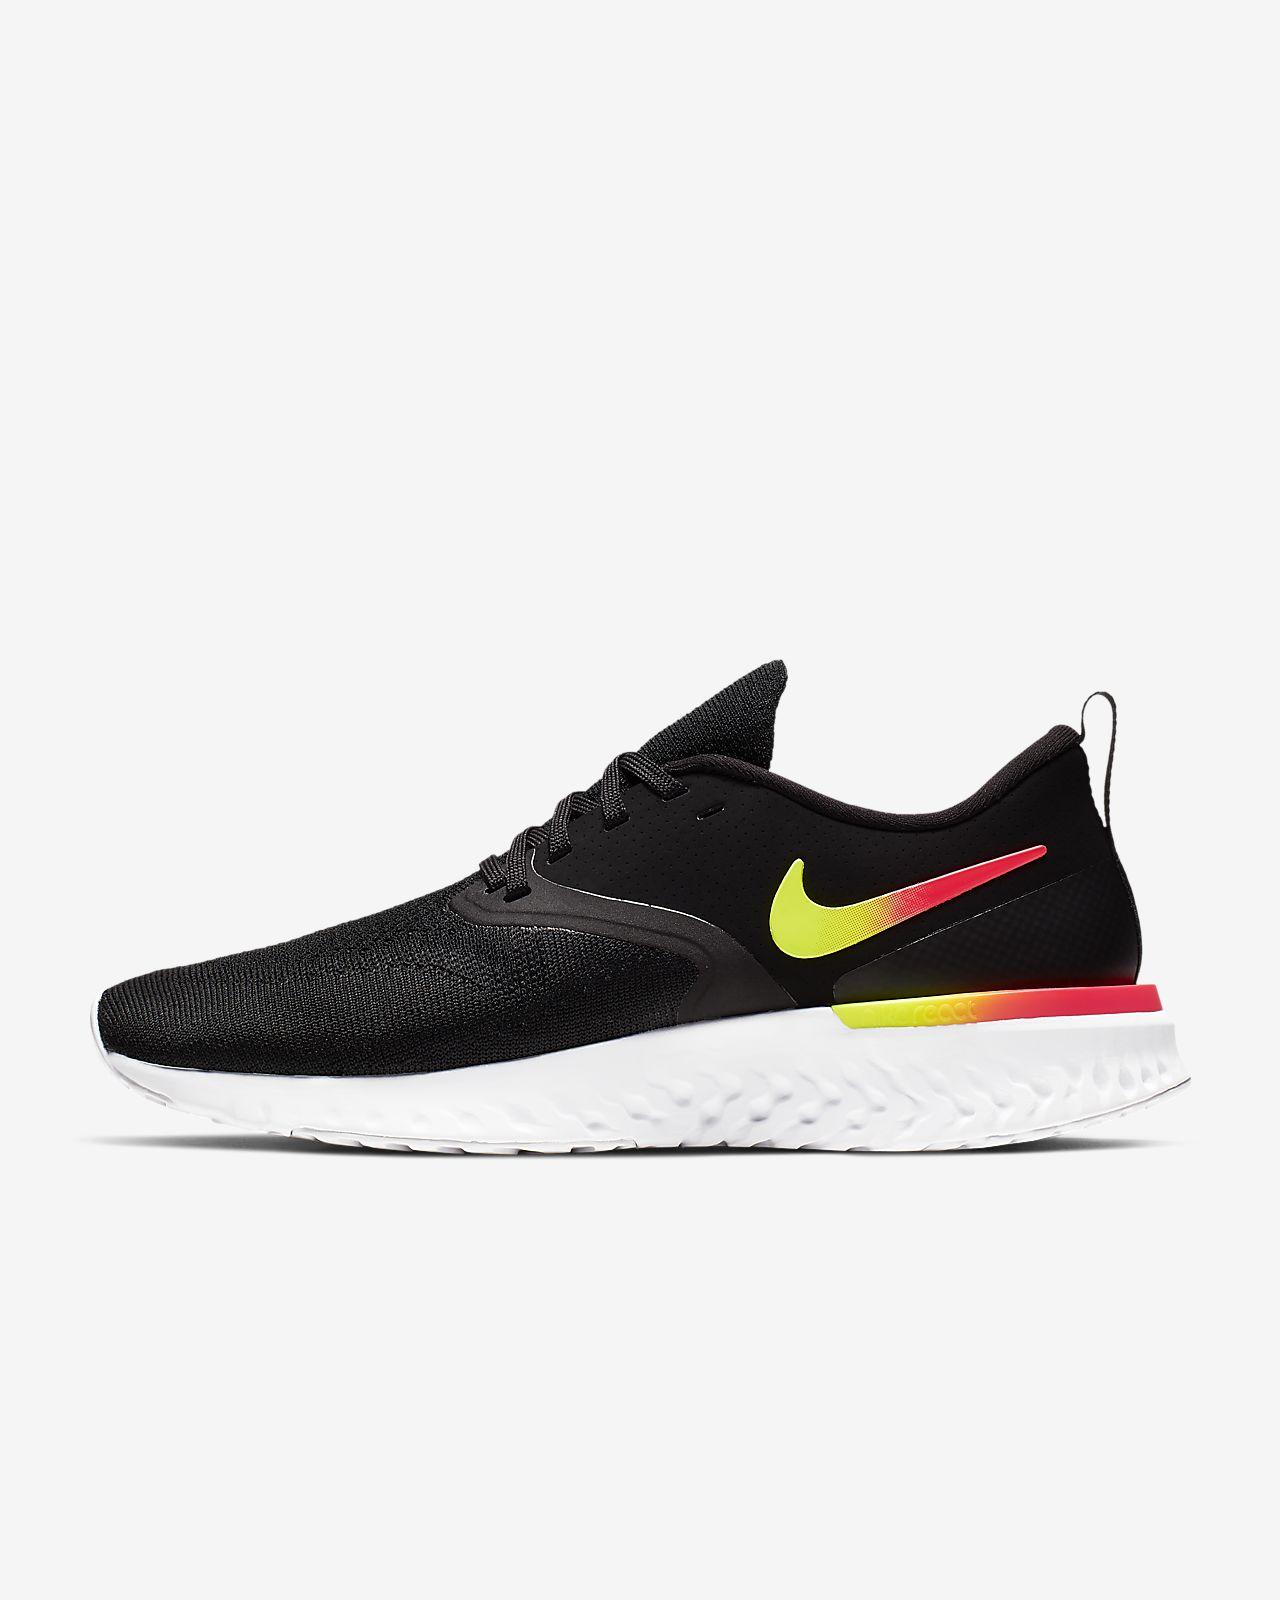 Nike Odyssey React Flyknit 2 Women's Running Shoe